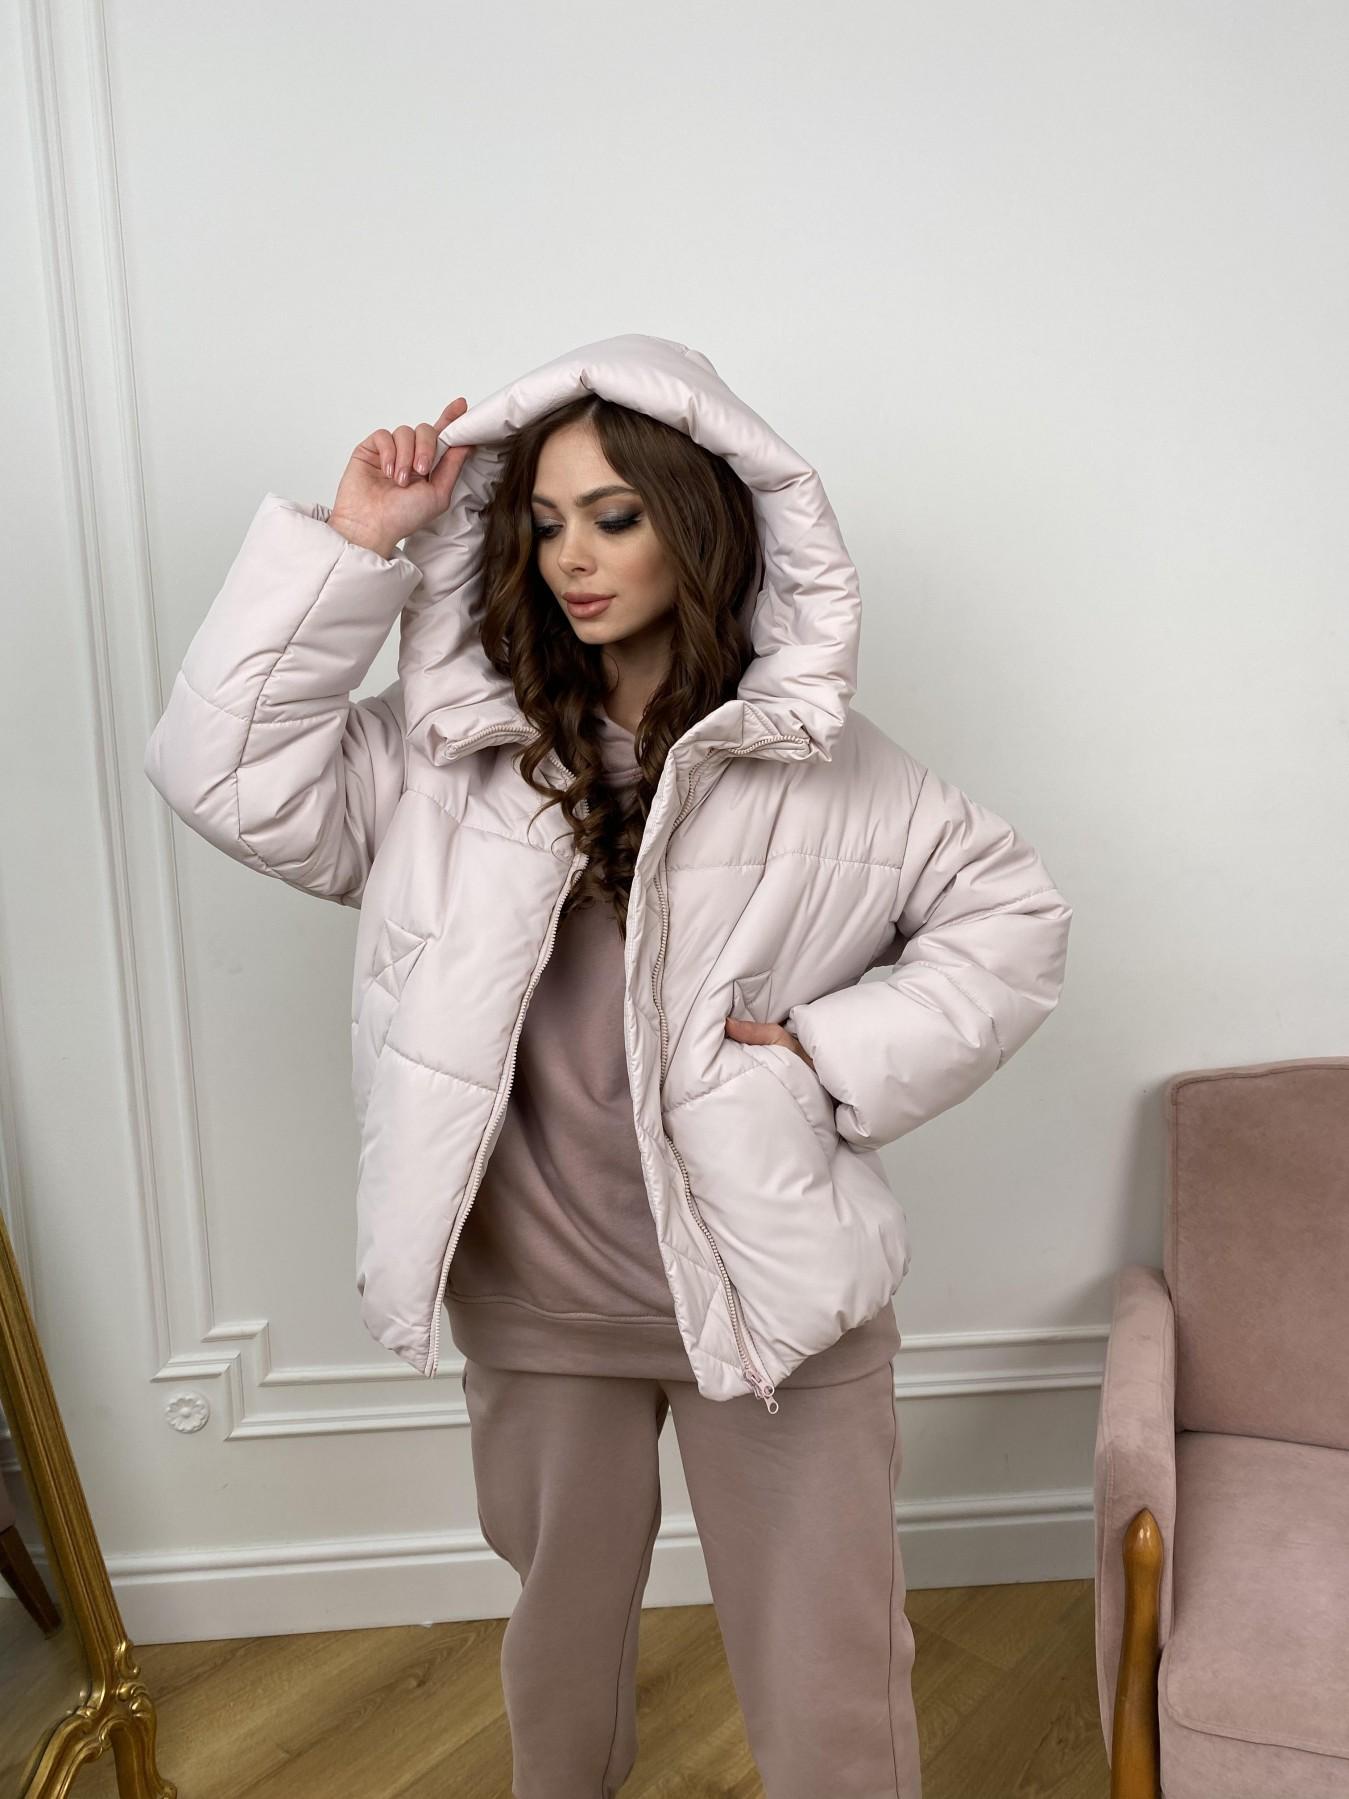 Нокс куртка из плащевой ткани 10535 АРТ. 46973 Цвет: Молоко 970 - фото 11, интернет магазин tm-modus.ru